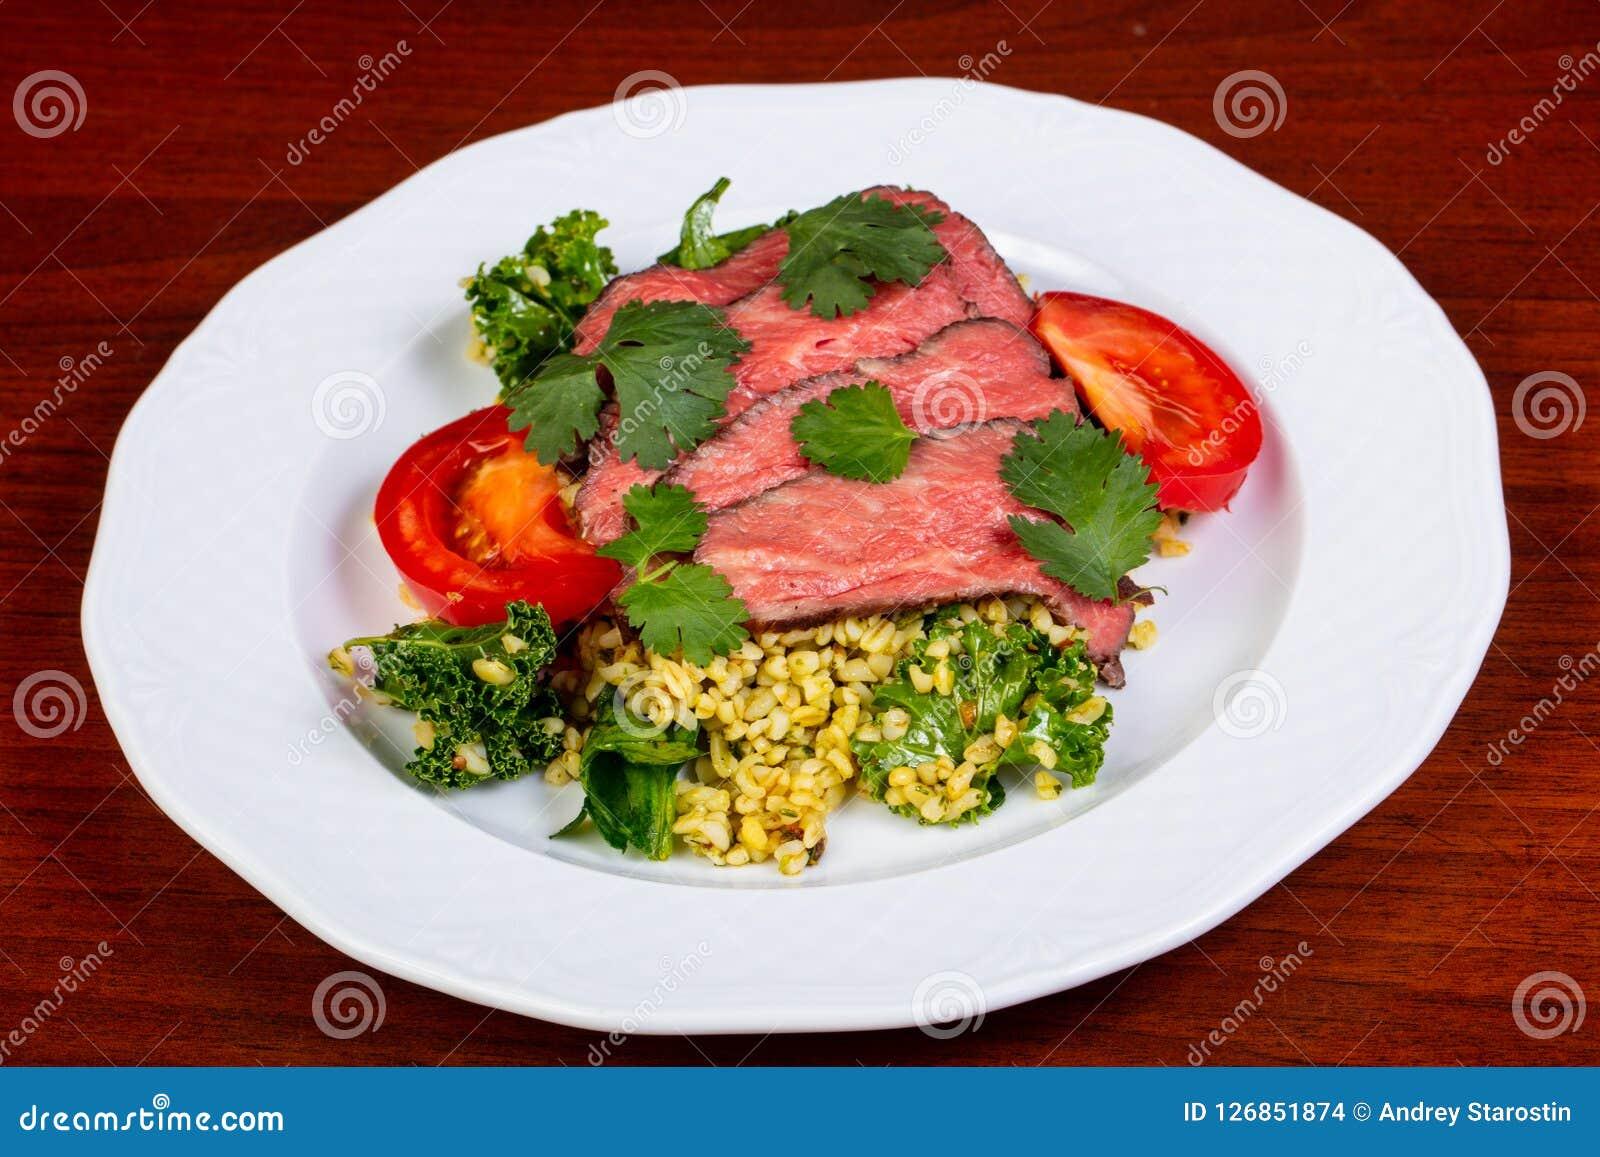 Sliced beef steak